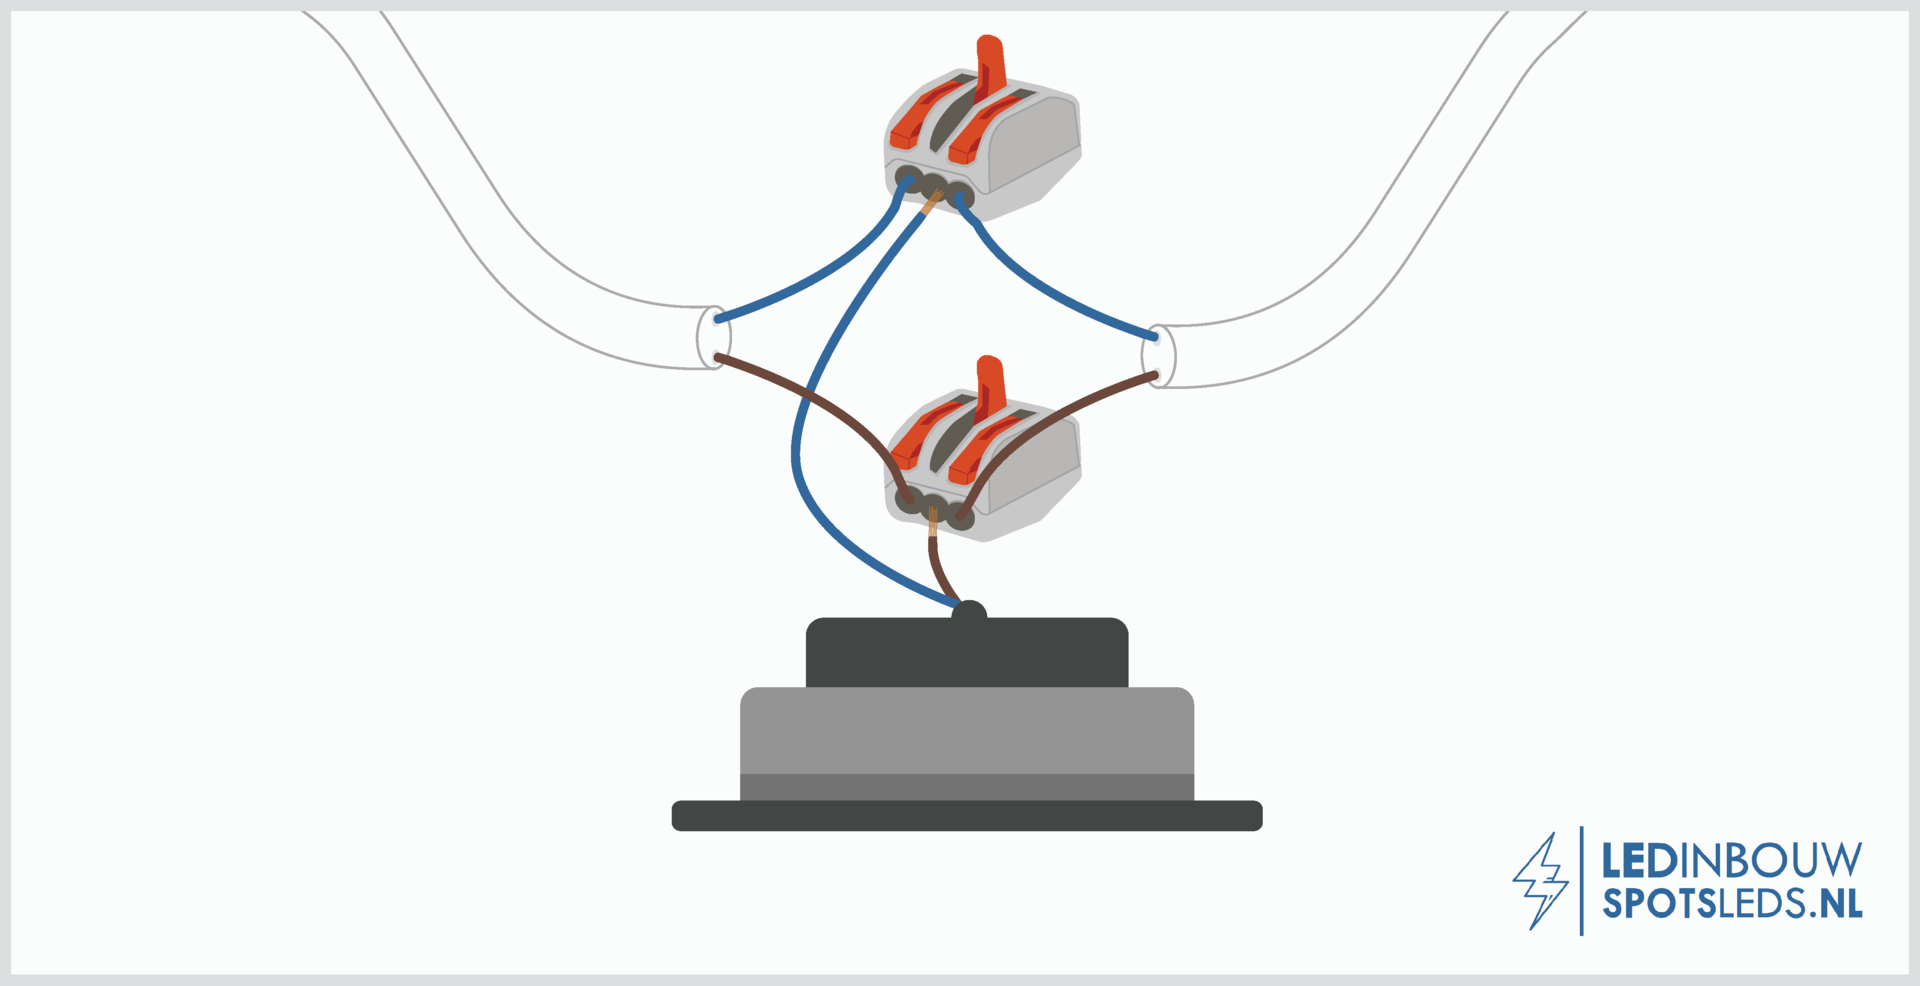 LED inbouwspots installeren - stap 6 ingebouwde trafo